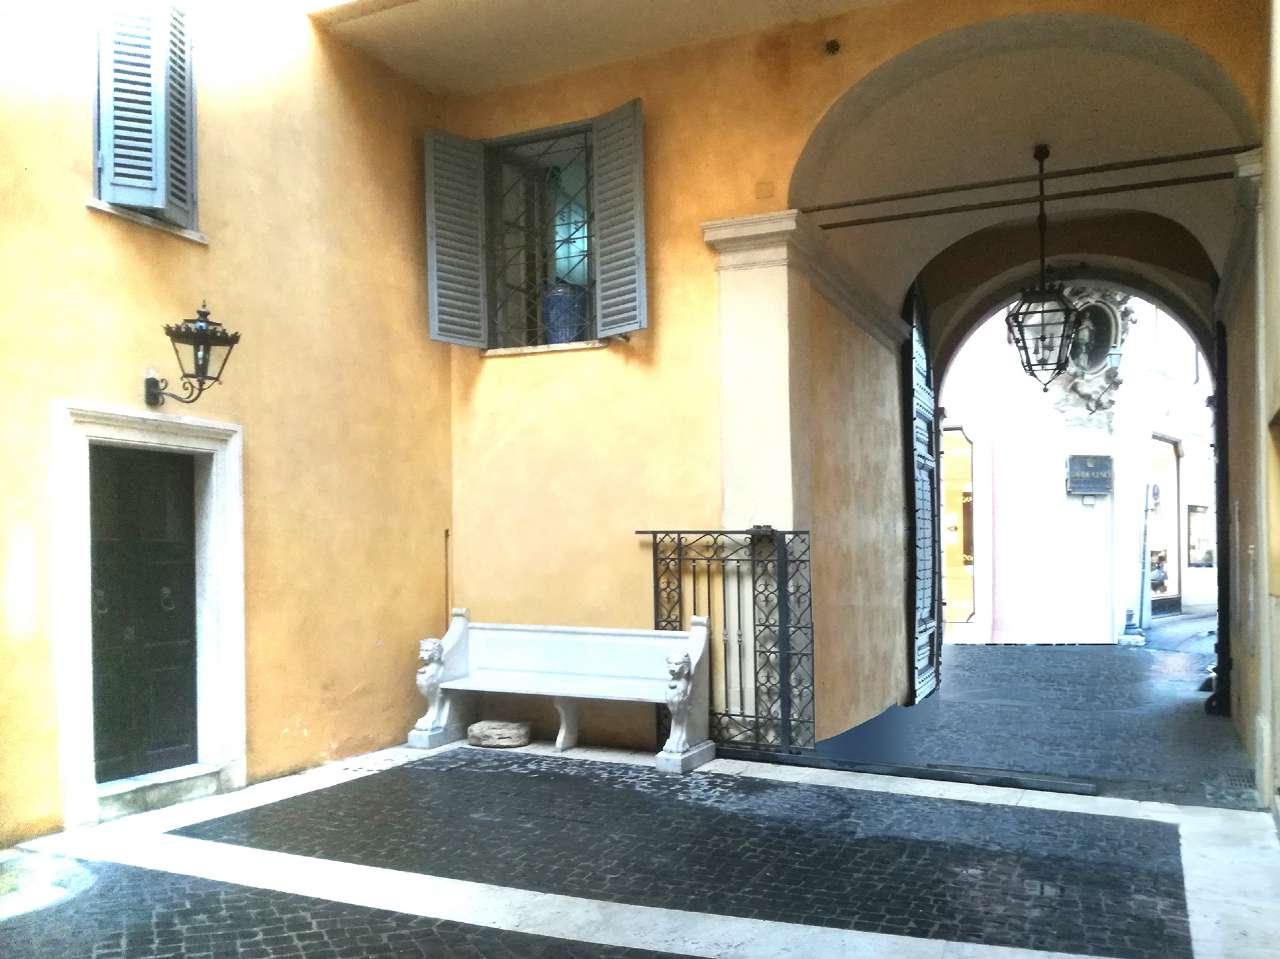 Ufficio in affitto via degli uffici del vicario roma for Uffici in affitto roma sud